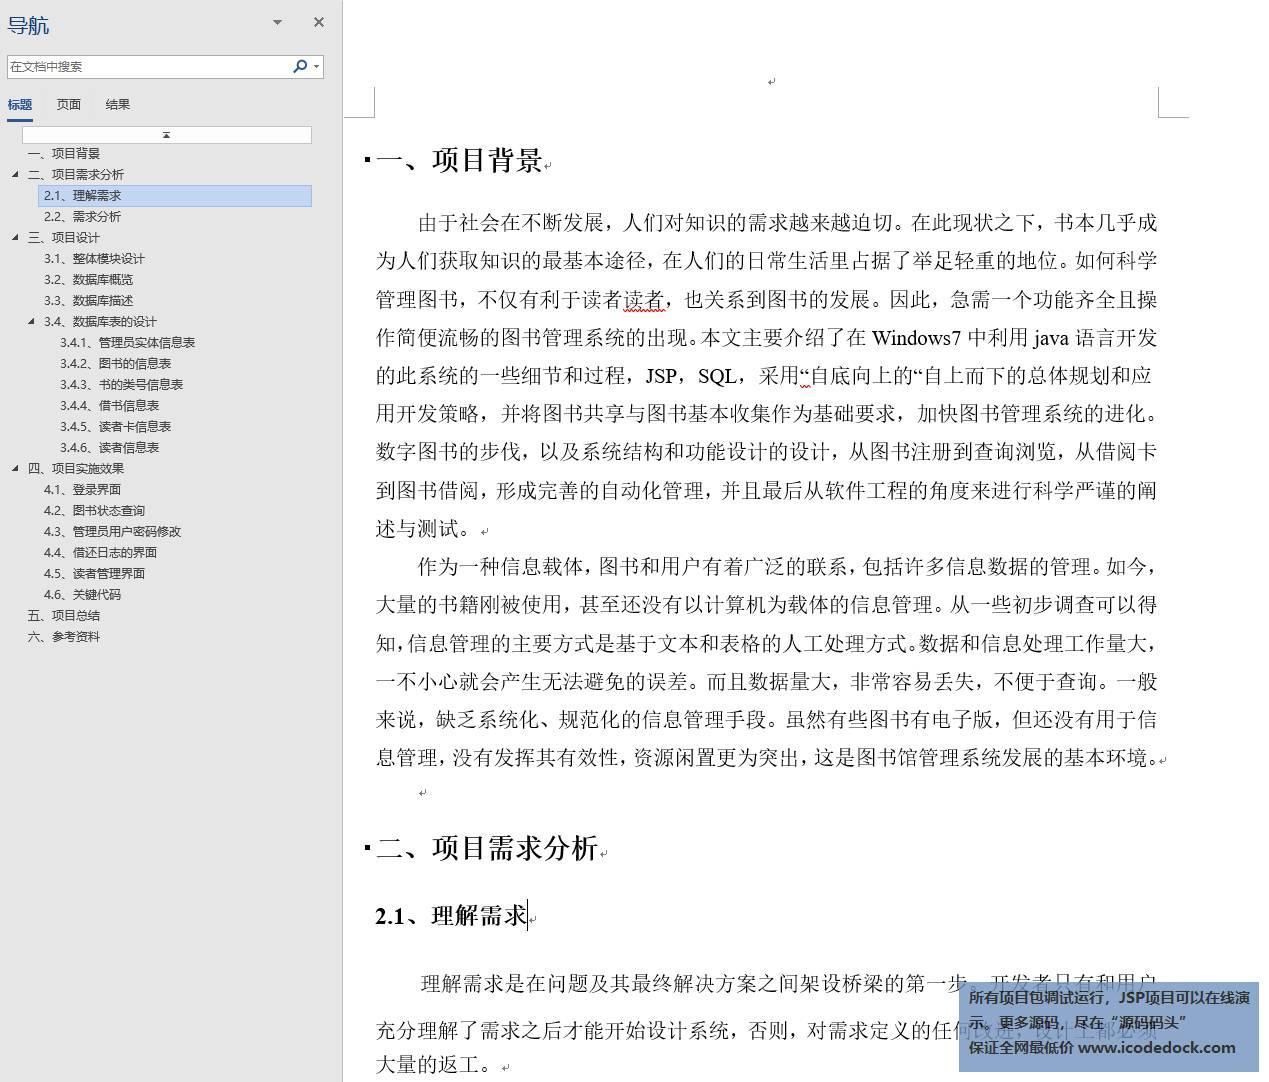 源码码头-Spring图书借阅管理系统-设计文档-需求分析